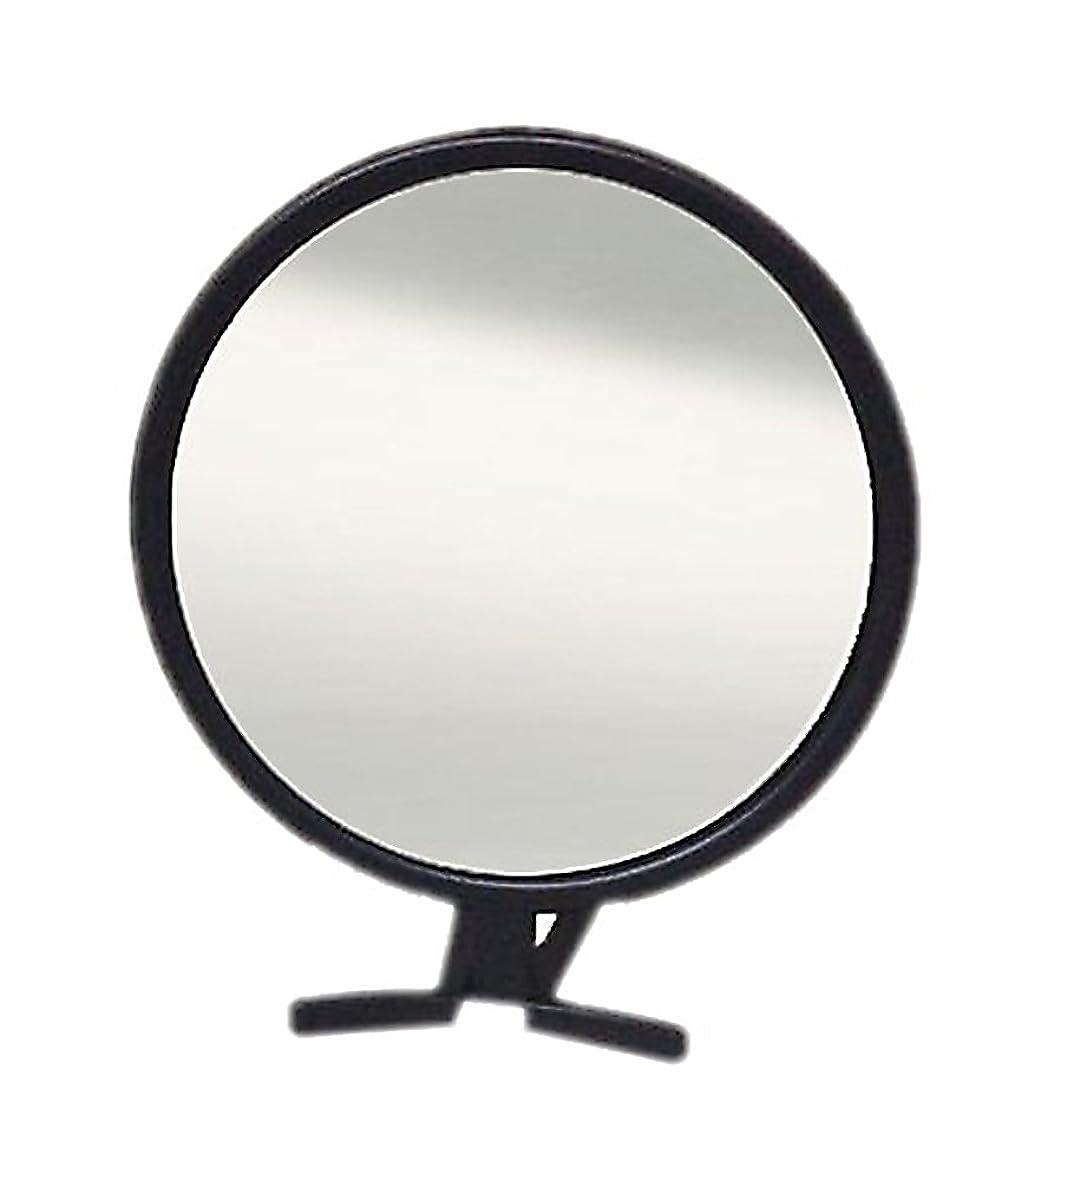 石灰岩フラスコ振り返る鏡 ハンドミラー 折立 No.470 ブラック